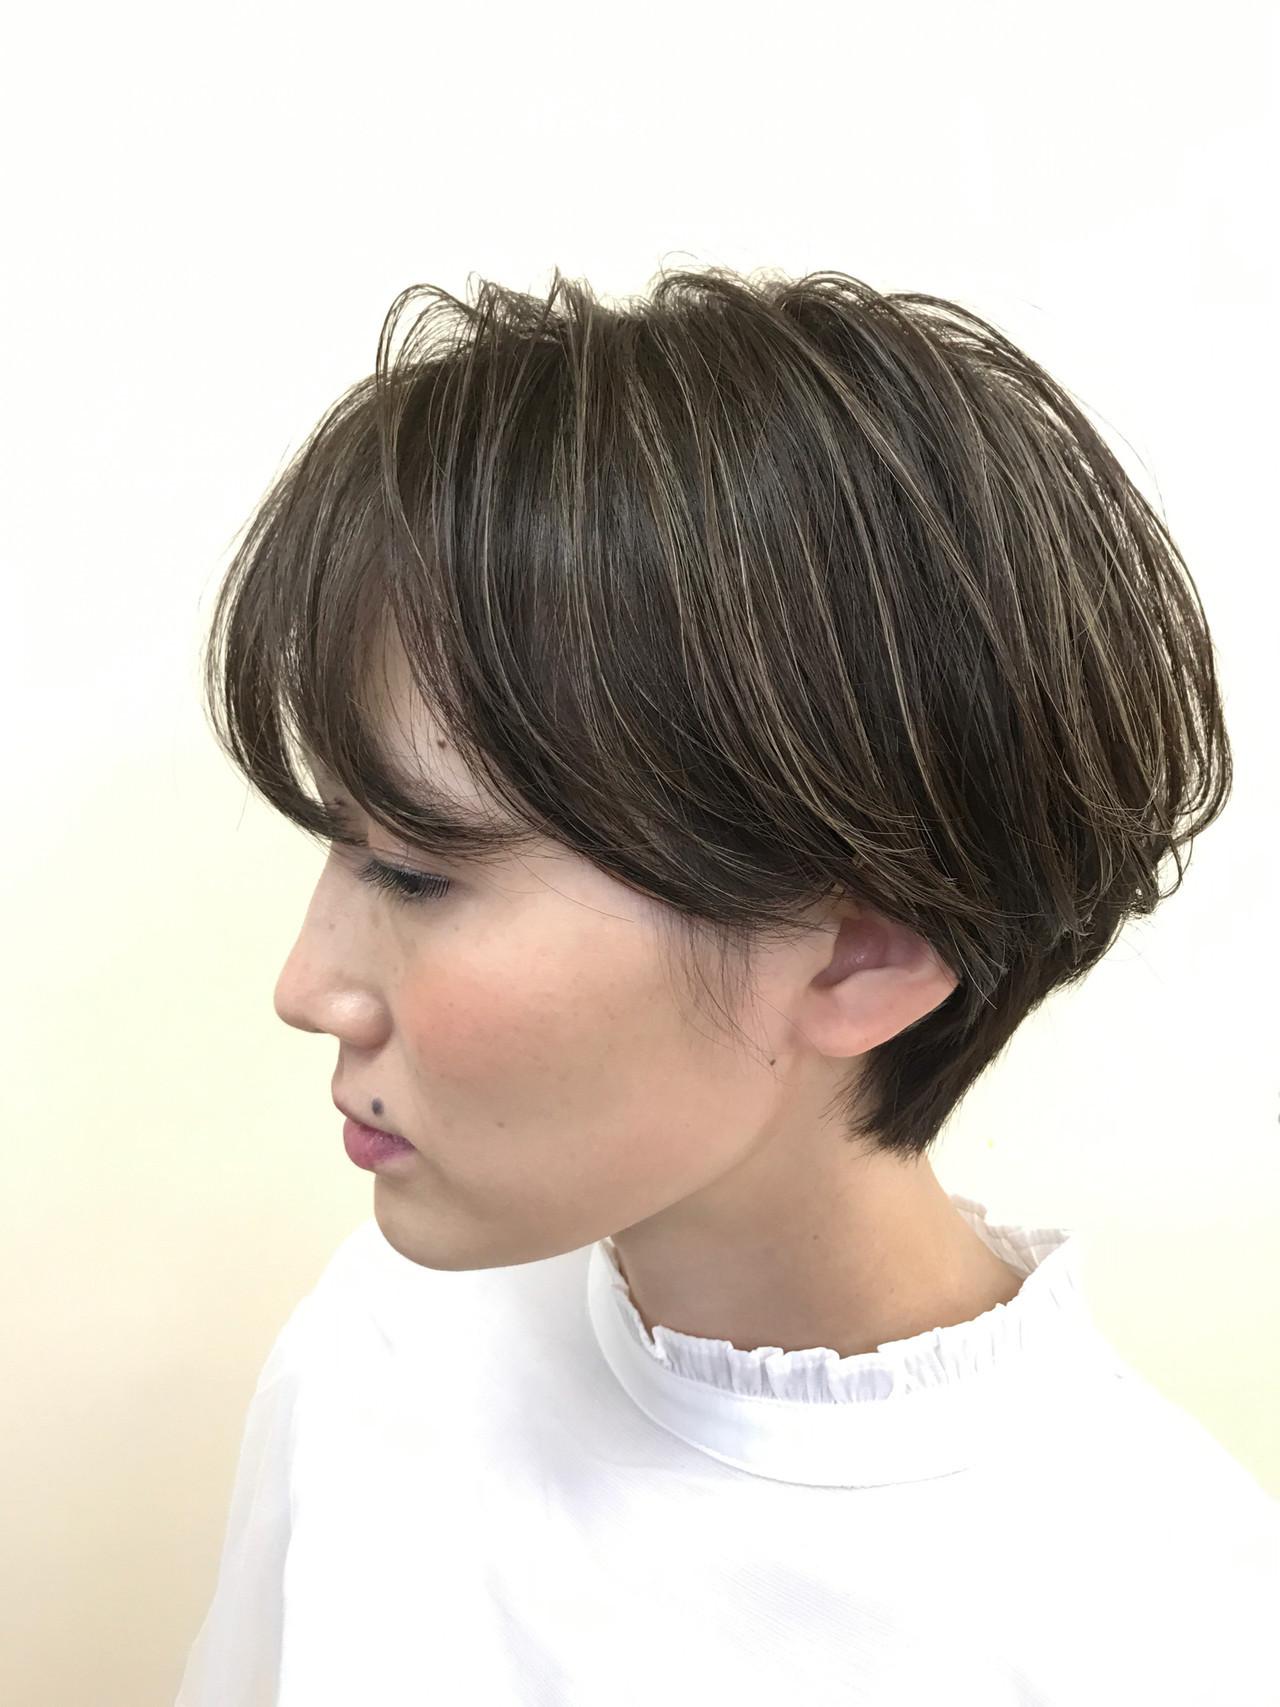 透明感カラー ショート ハイライト ショートボブ ヘアスタイルや髪型の写真・画像